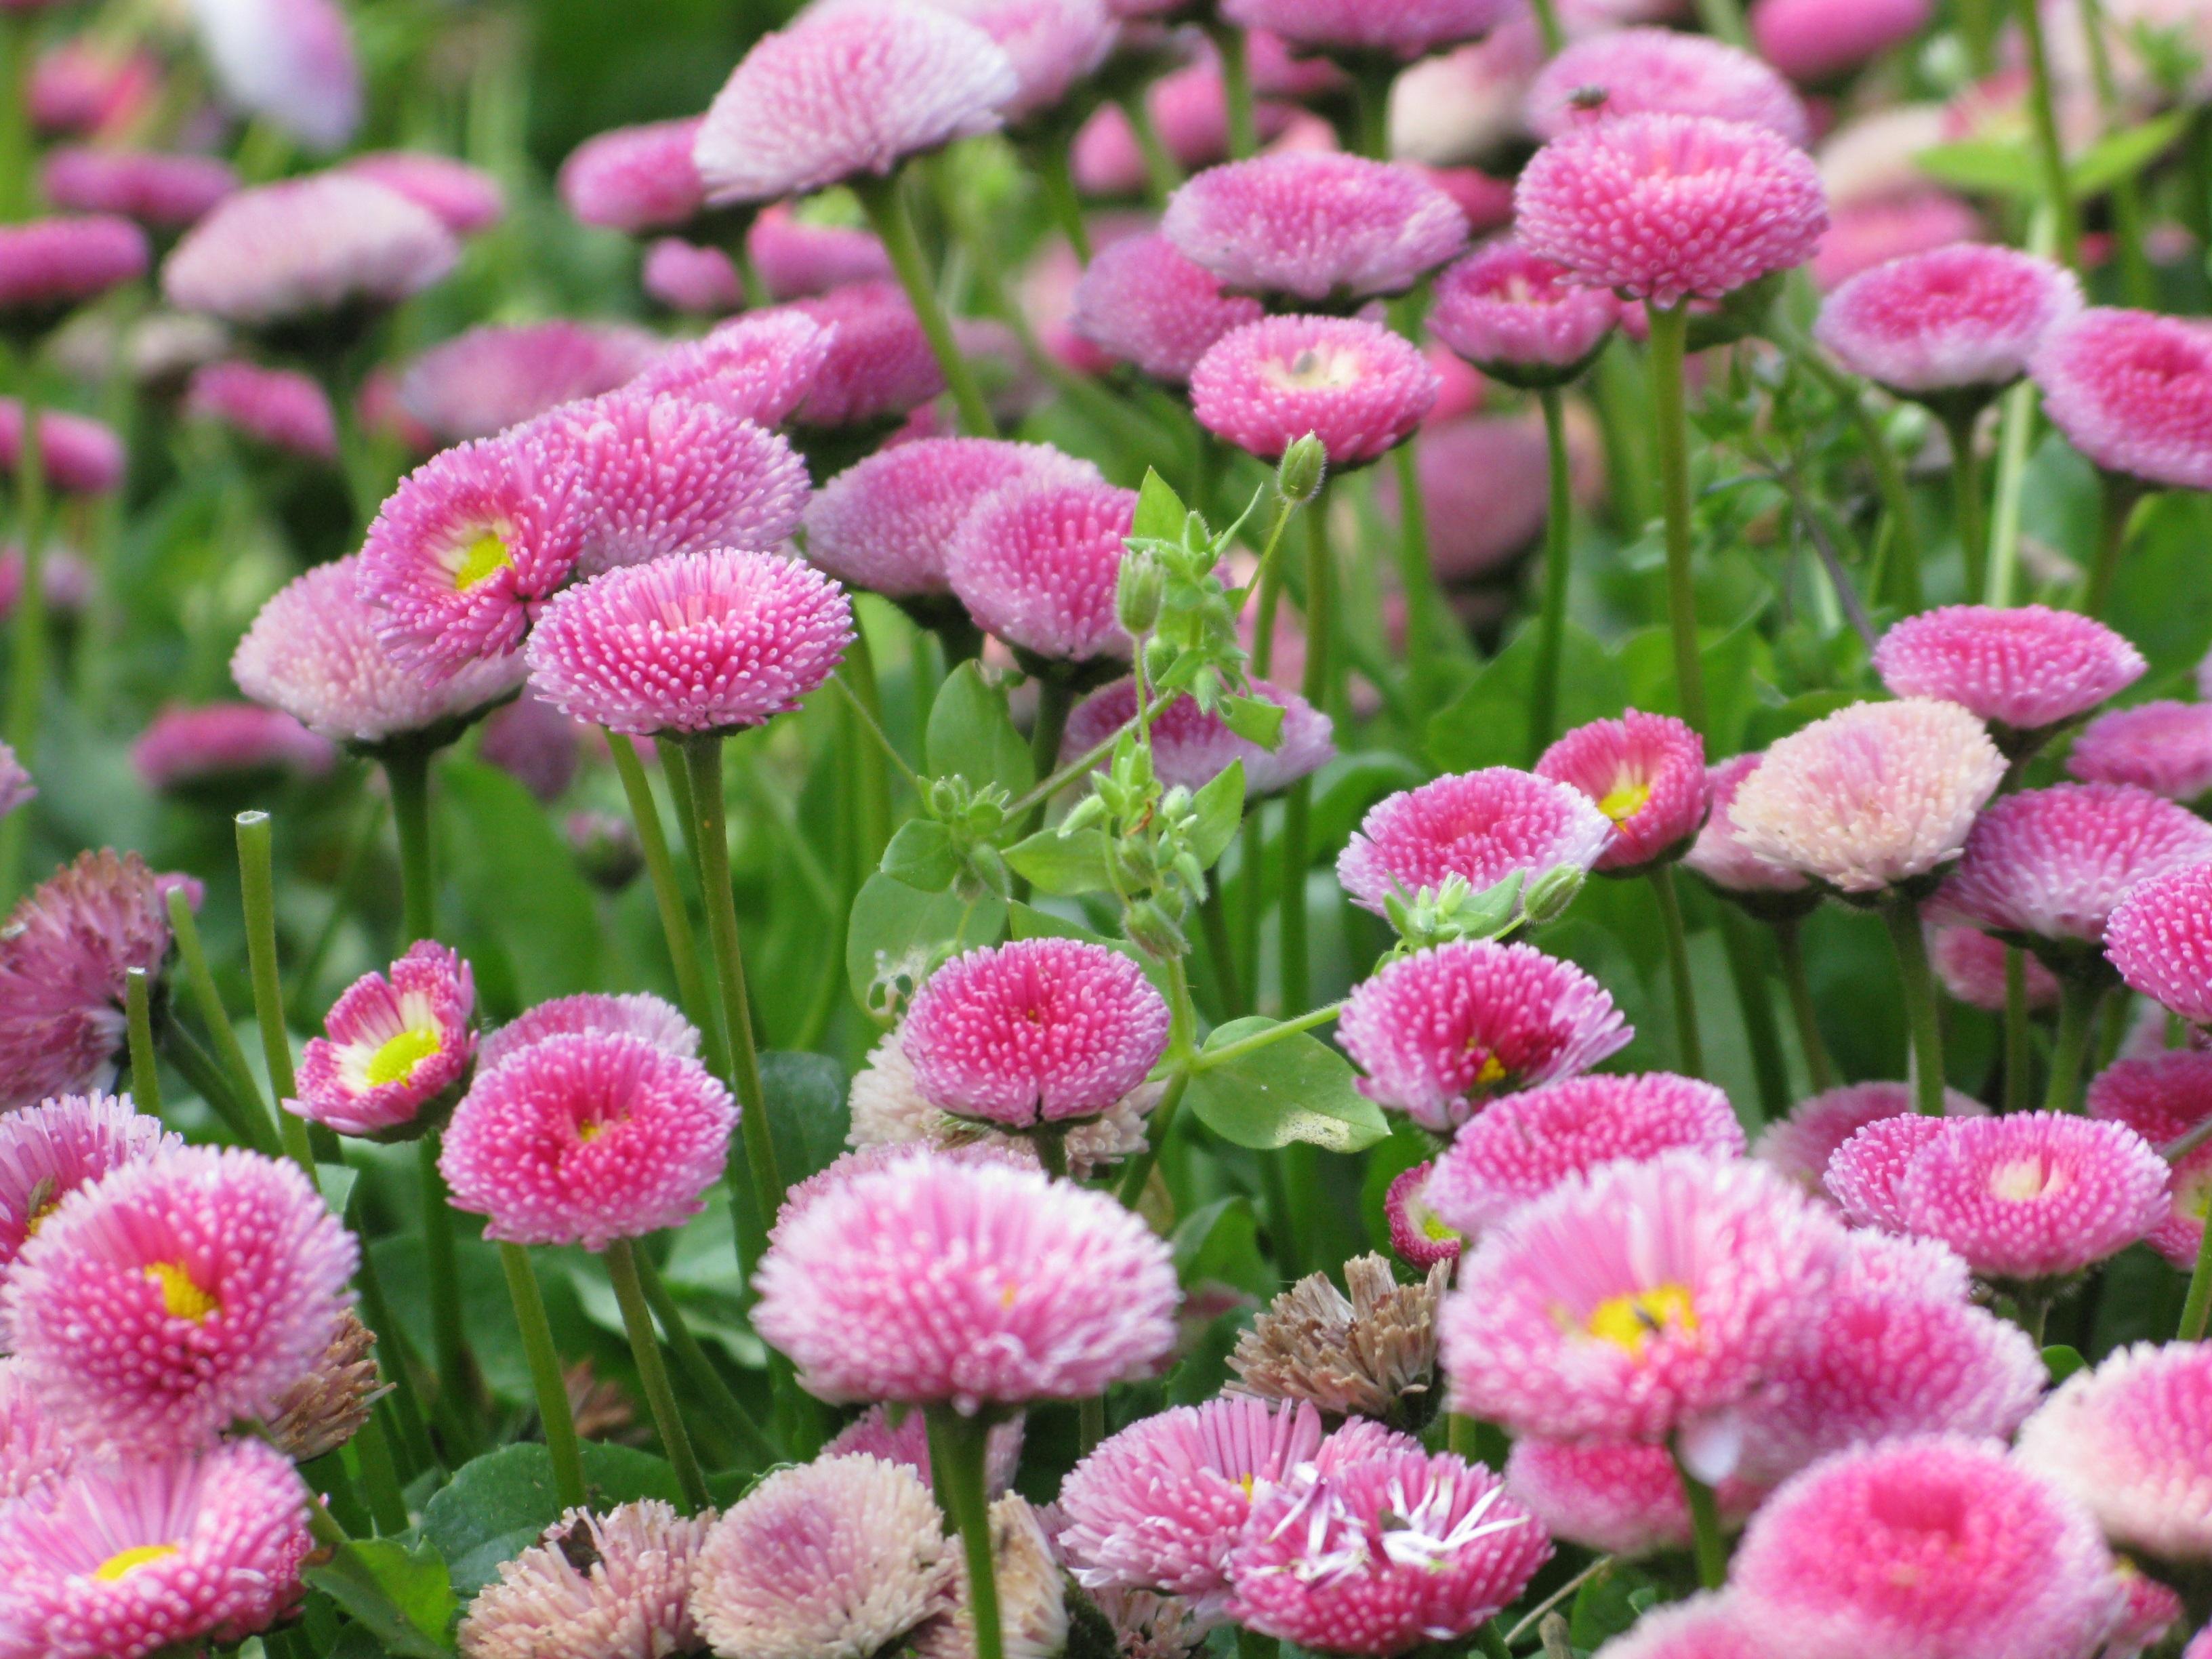 маргаритка весна красна фото никому формально принадлежит